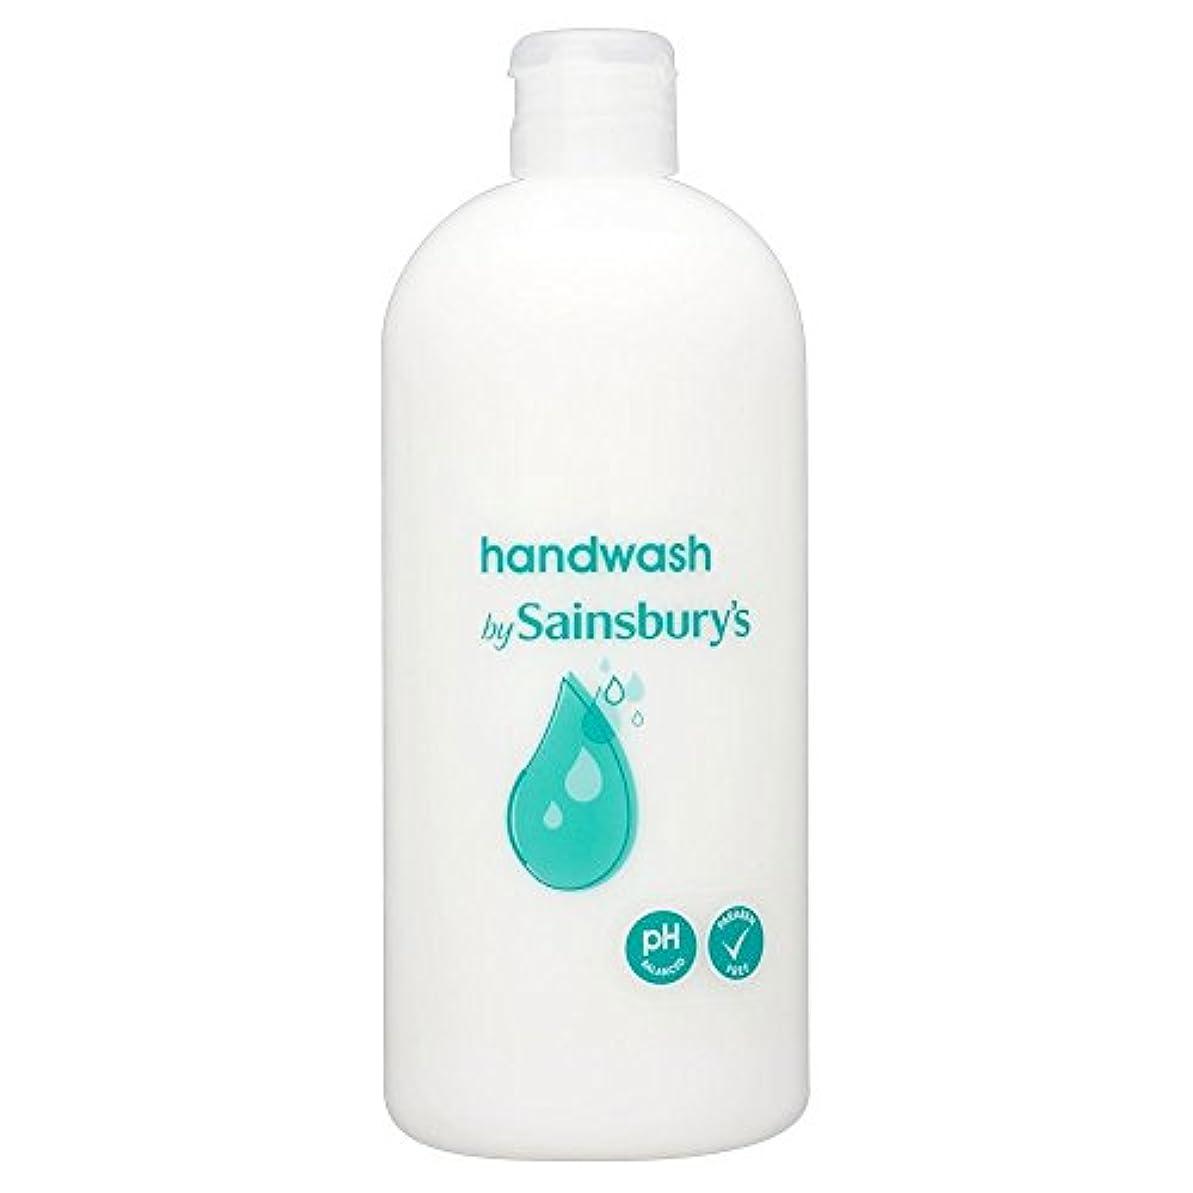 収束降雨アラバマSainsbury's Handwash, White Refill 500ml (Pack of 6) - (Sainsbury's) 手洗い、白リフィル500ミリリットル (x6) [並行輸入品]